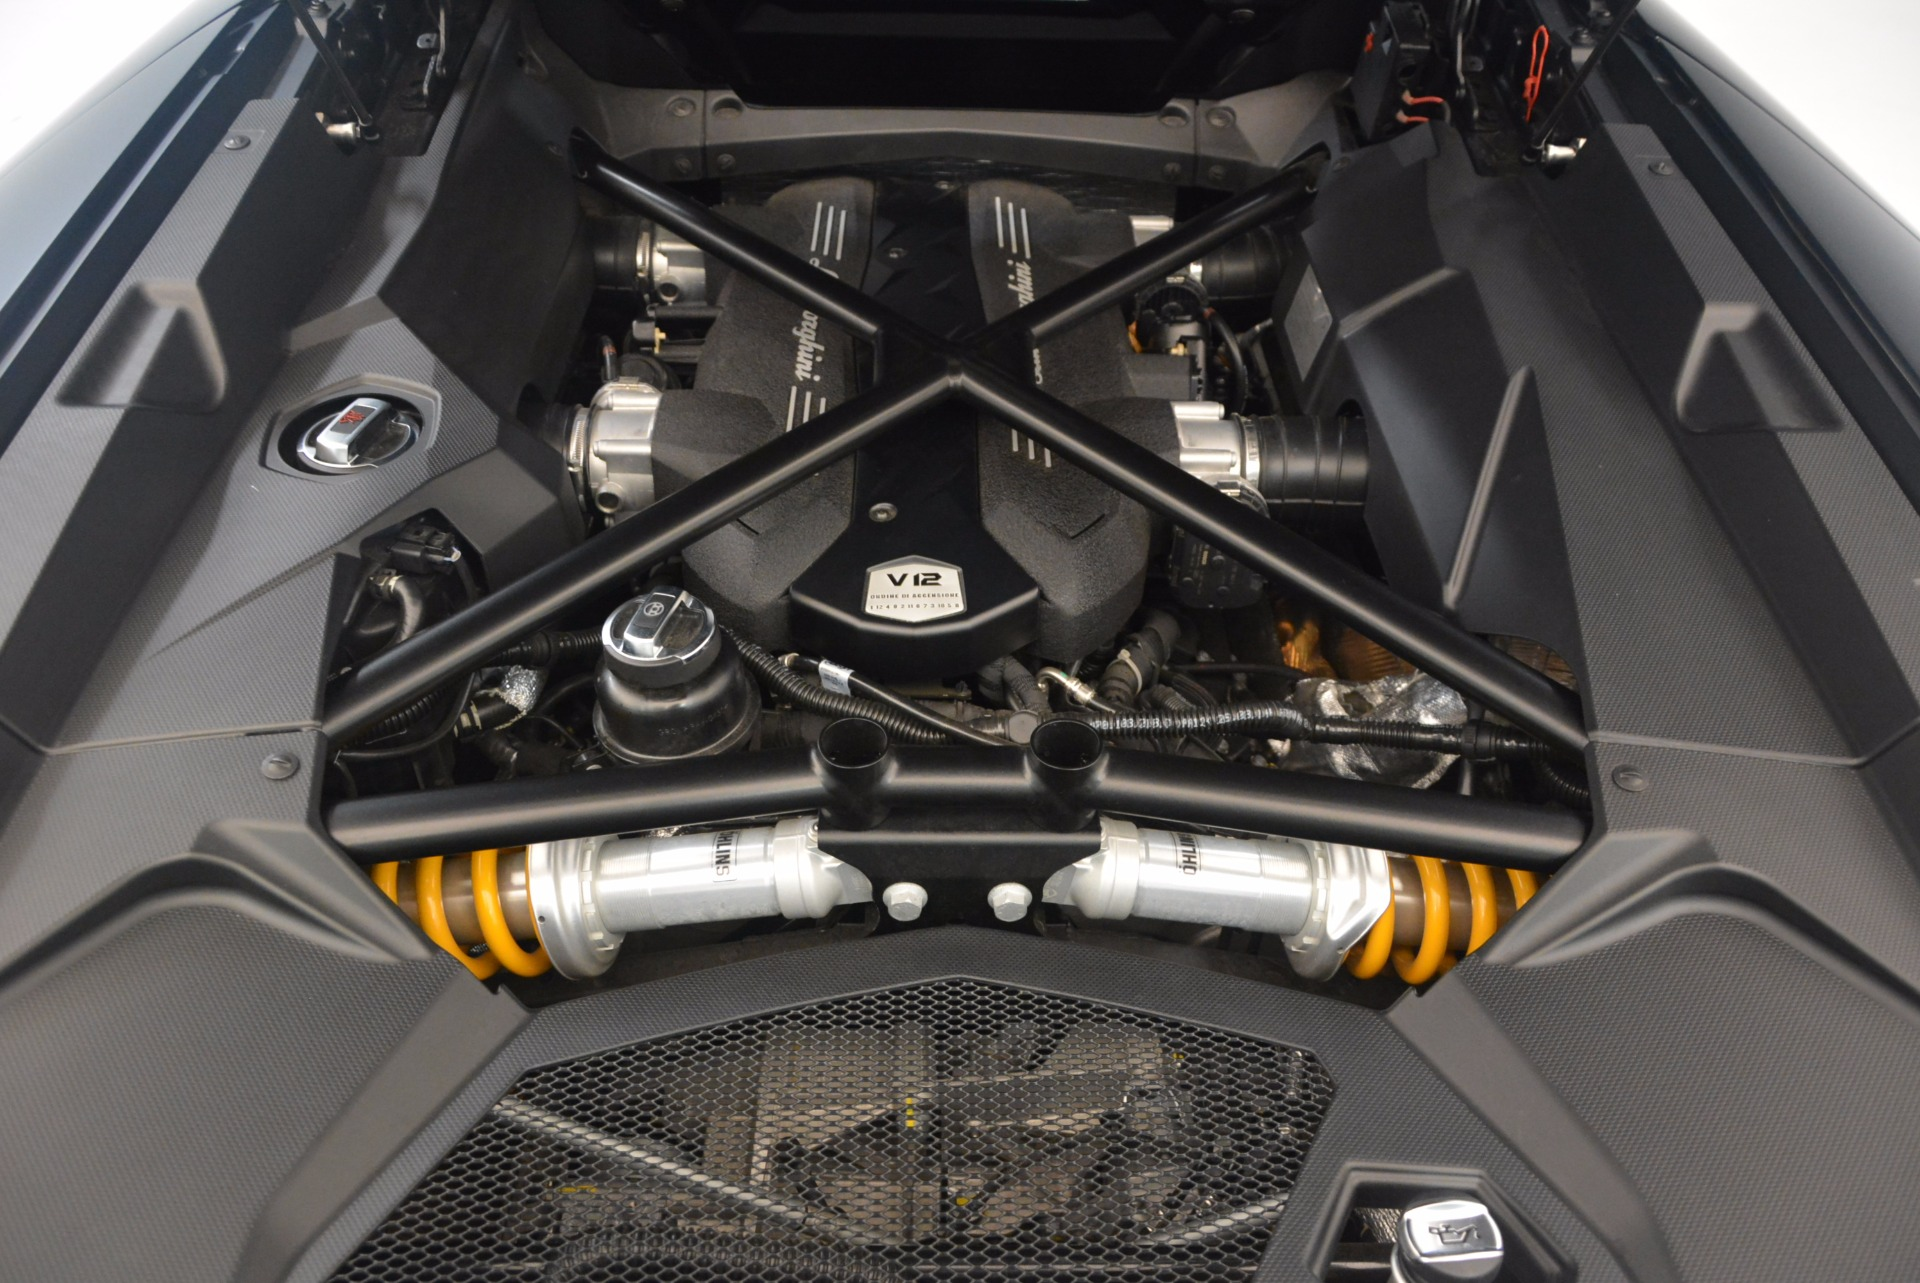 Used 2015 Lamborghini Aventador LP 700-4 For Sale In Greenwich, CT 1217_p26